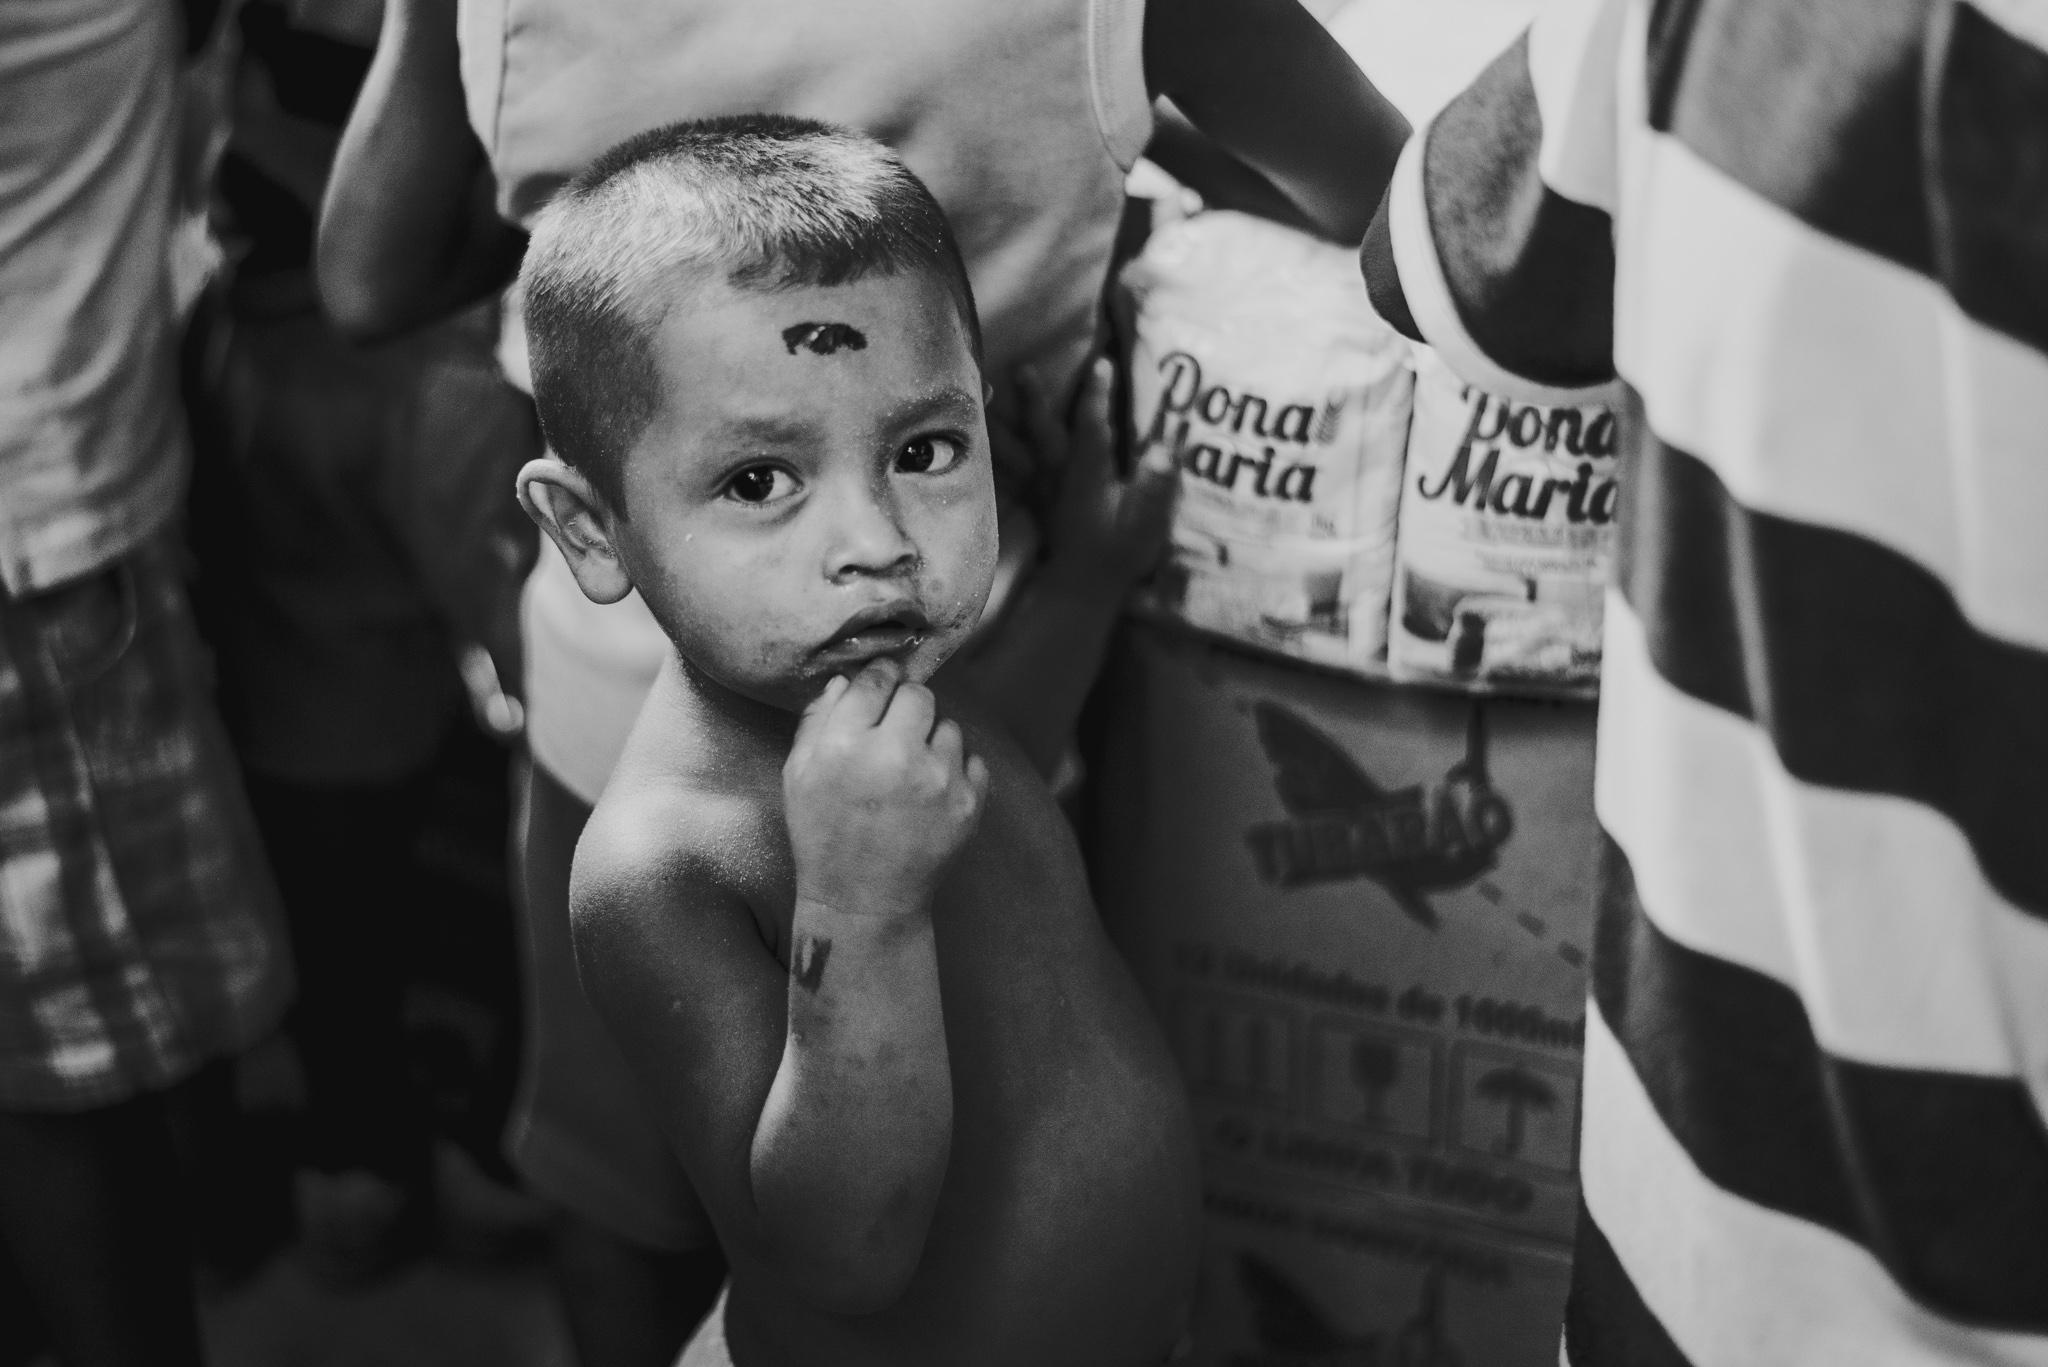 Criança vive em abrigo com familiares e outros refugiados venezuelanos em Belém (Foto: Anne Seixas)